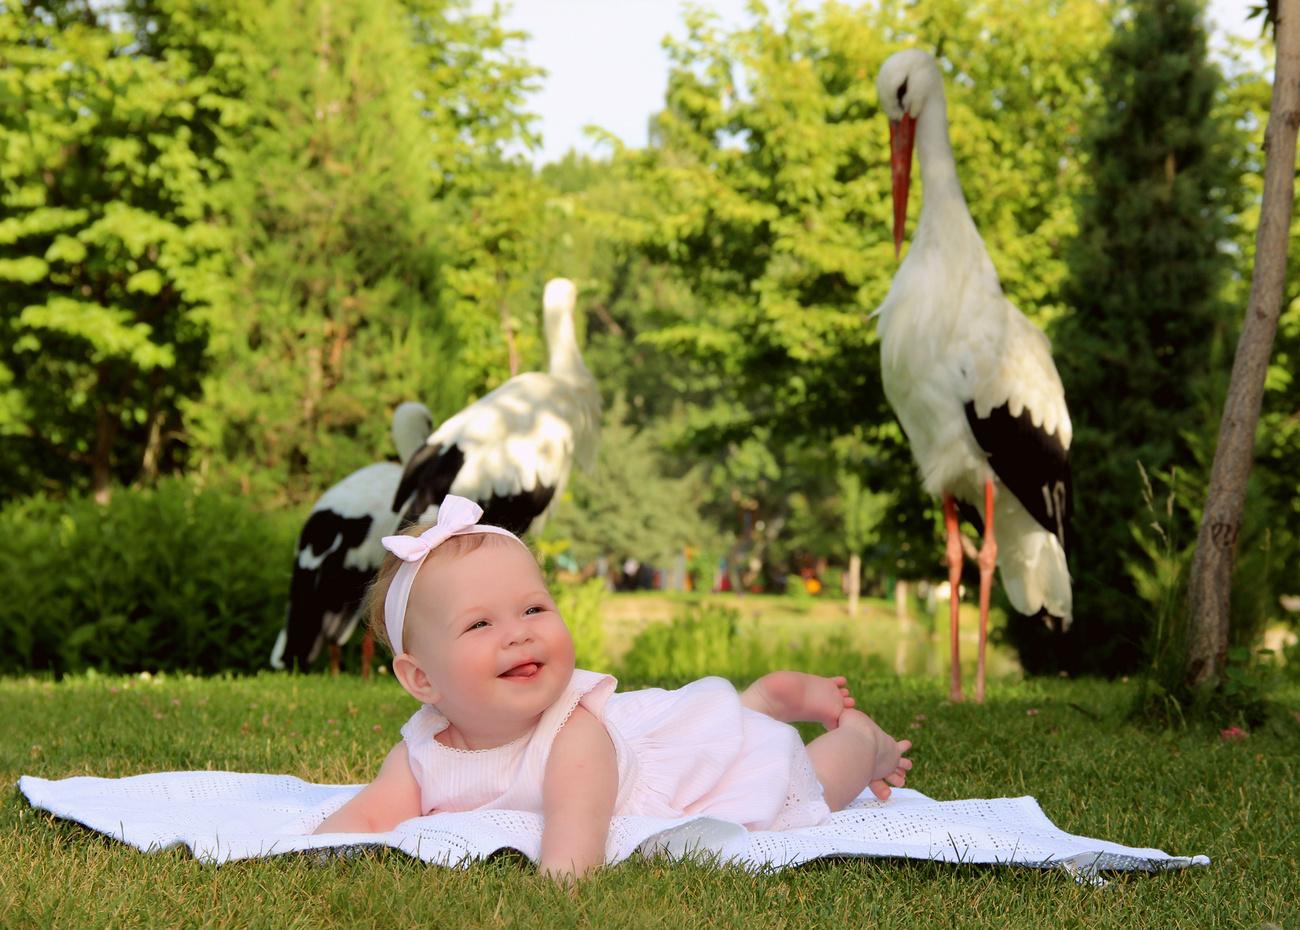 Смешные, аист и ребенок смешные картинки